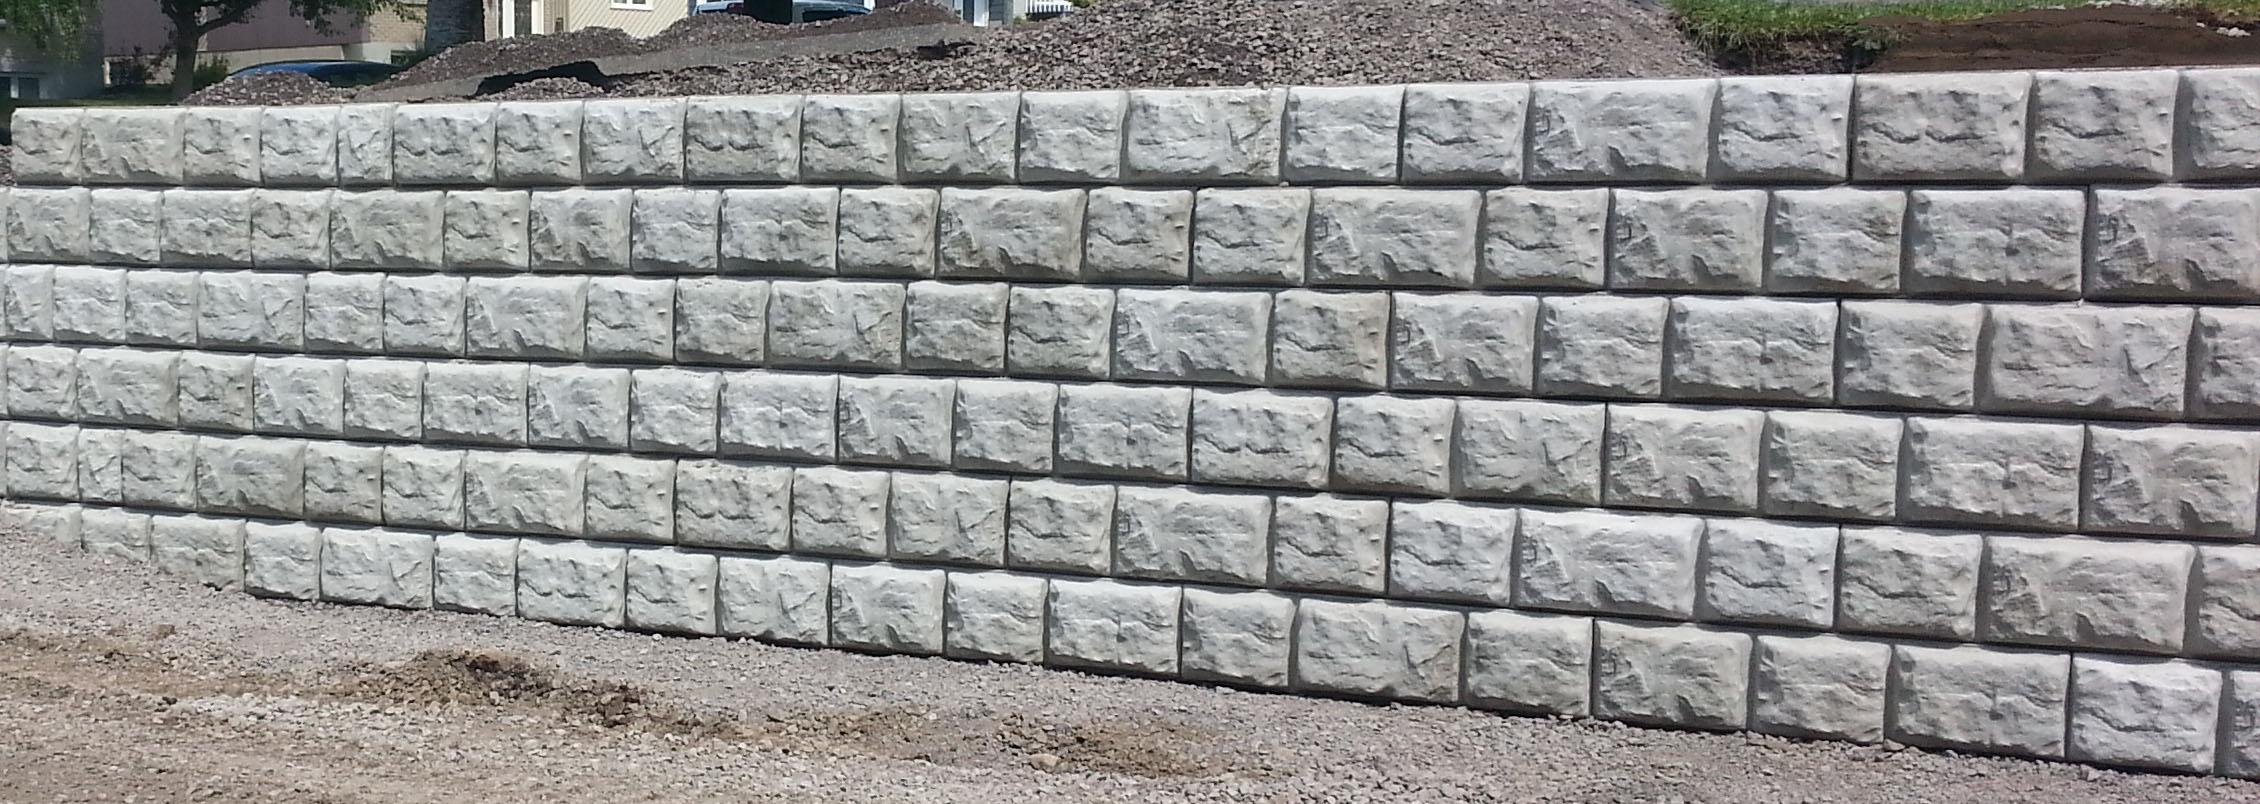 Nos blocs de béton décoratif répondent aux normes d'une nouvelle ville, Longueuil!